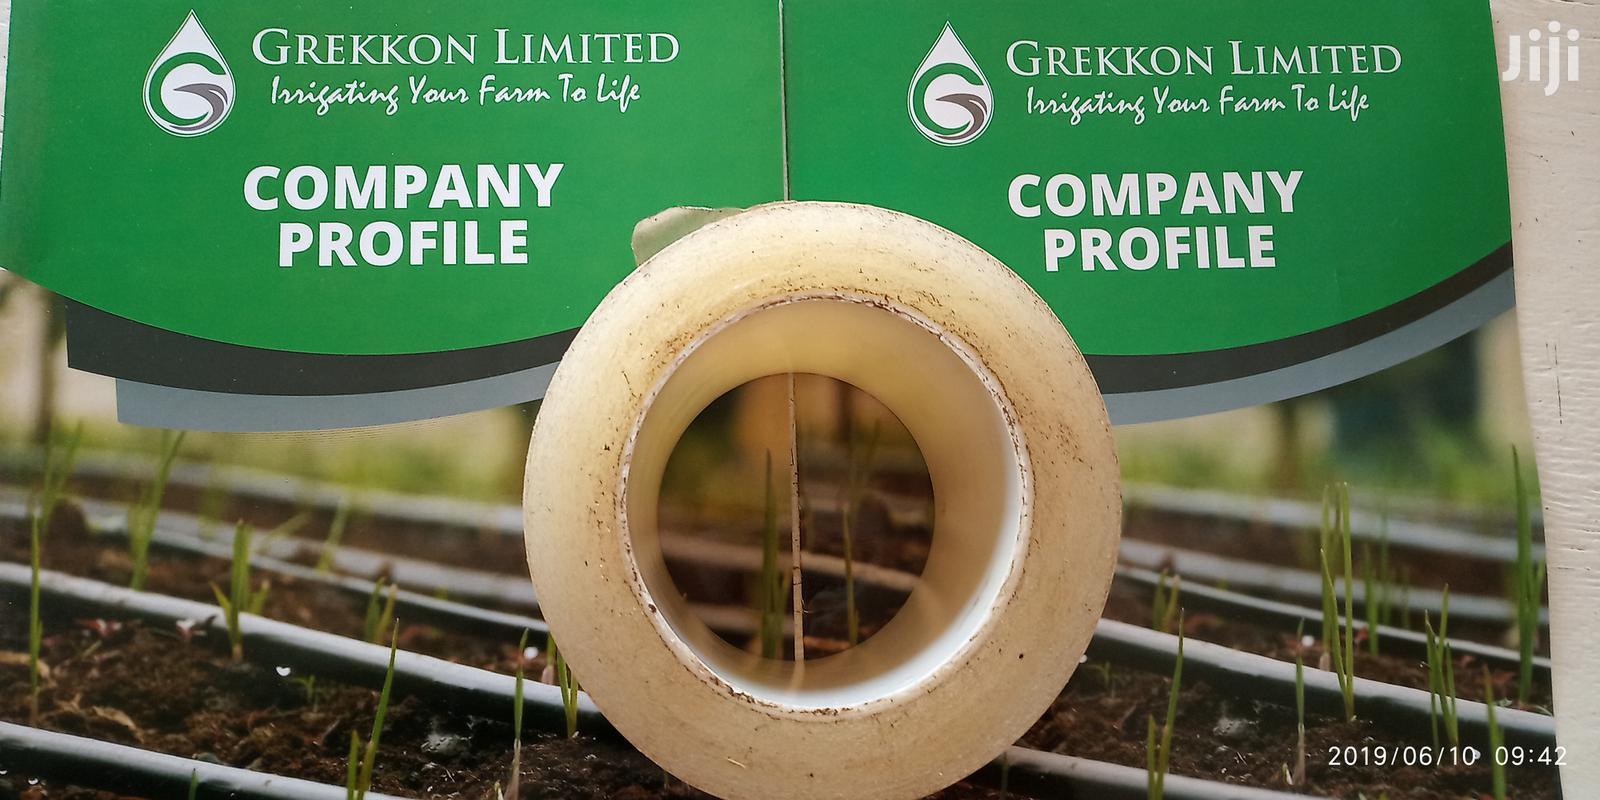 Greenhouse Repair Tape | GREKKON LIMITED | Repair Services for sale in Langas, Uasin Gishu, Kenya